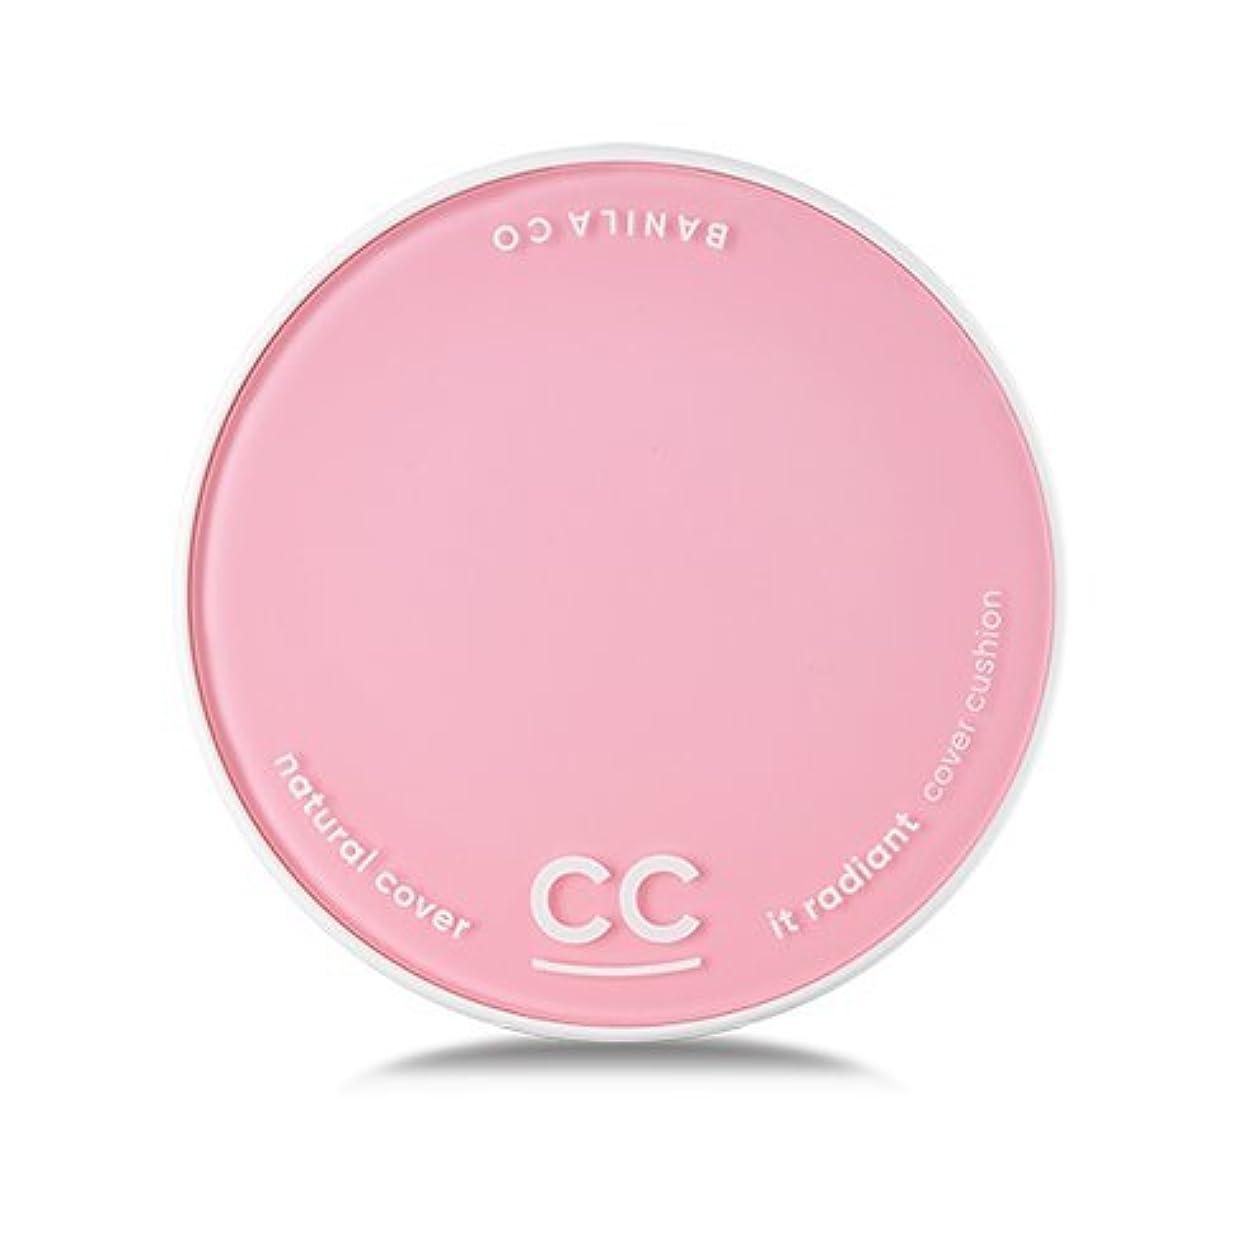 くるみ衝動ナインへ[Renewal] BANILA CO It Radiant CC Cover Cushion 12g + Refill 12g/バニラコ イット ラディアント CC カバー クッション 12g + リフィル 12g (...